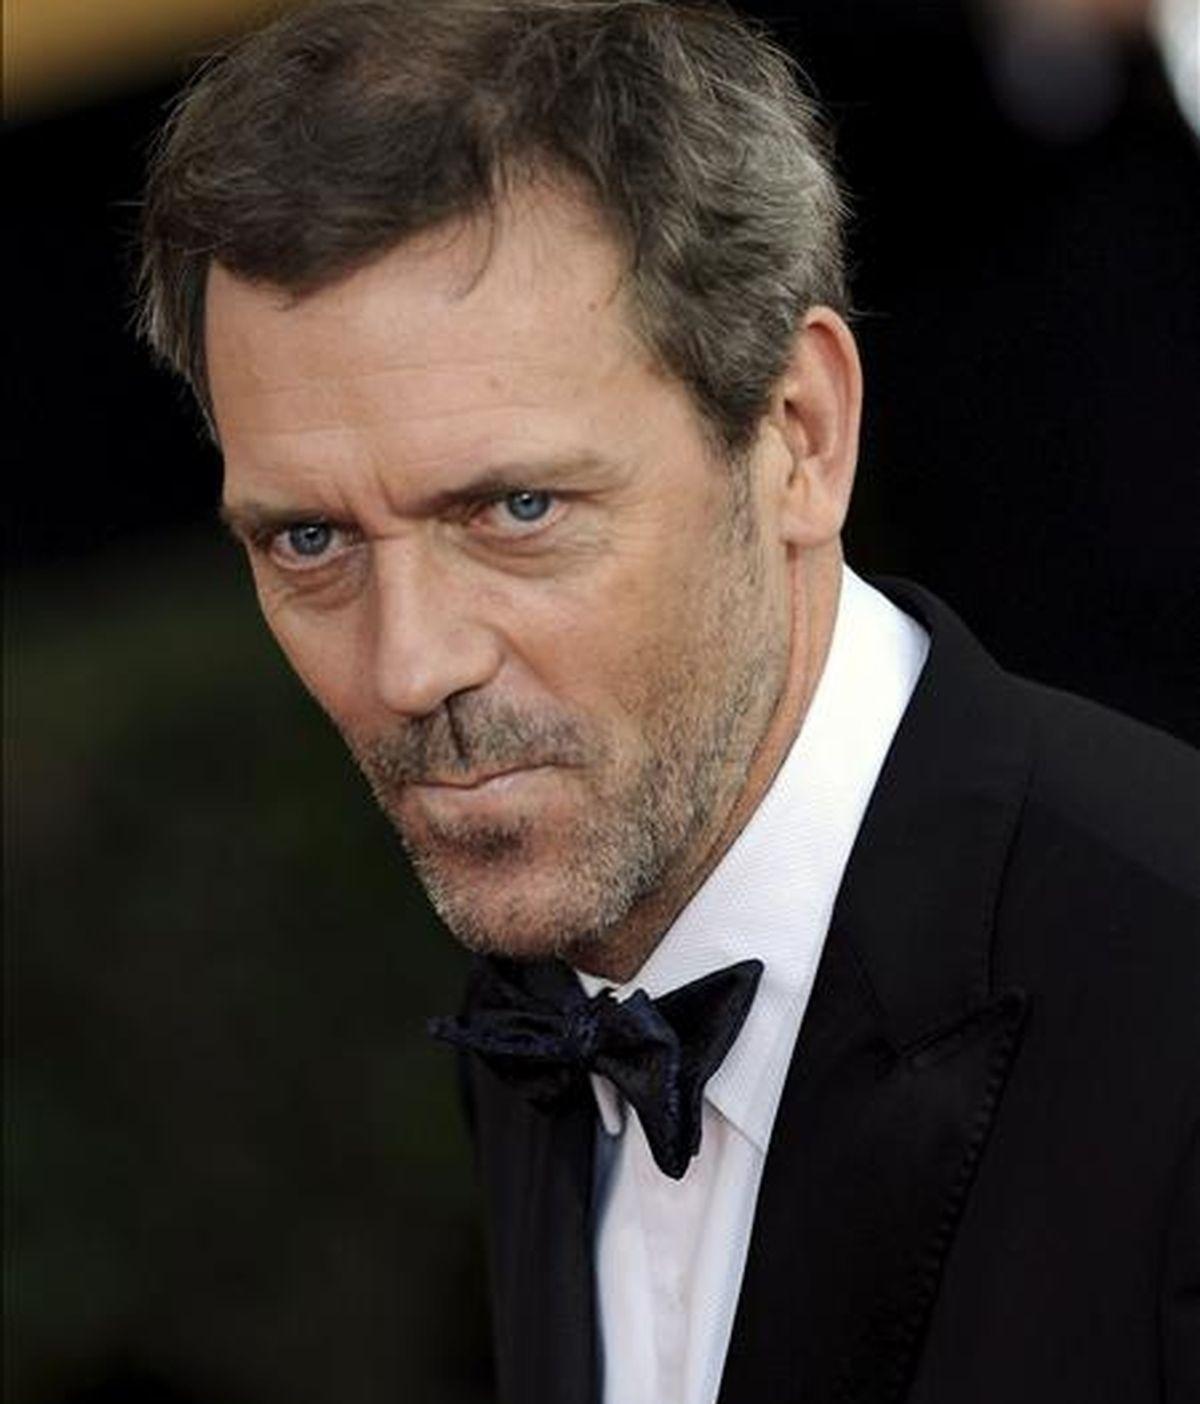 El actor Hugh Laurie el pasado 25 de enero, a su llegada a la entrega anual de los Premios del Sindicato de Actores de la Pantalla (SAG), que se lleva a cabo en el Auditorio Shrine de Los Ángeles, California (EEUU). EFE/Archivo